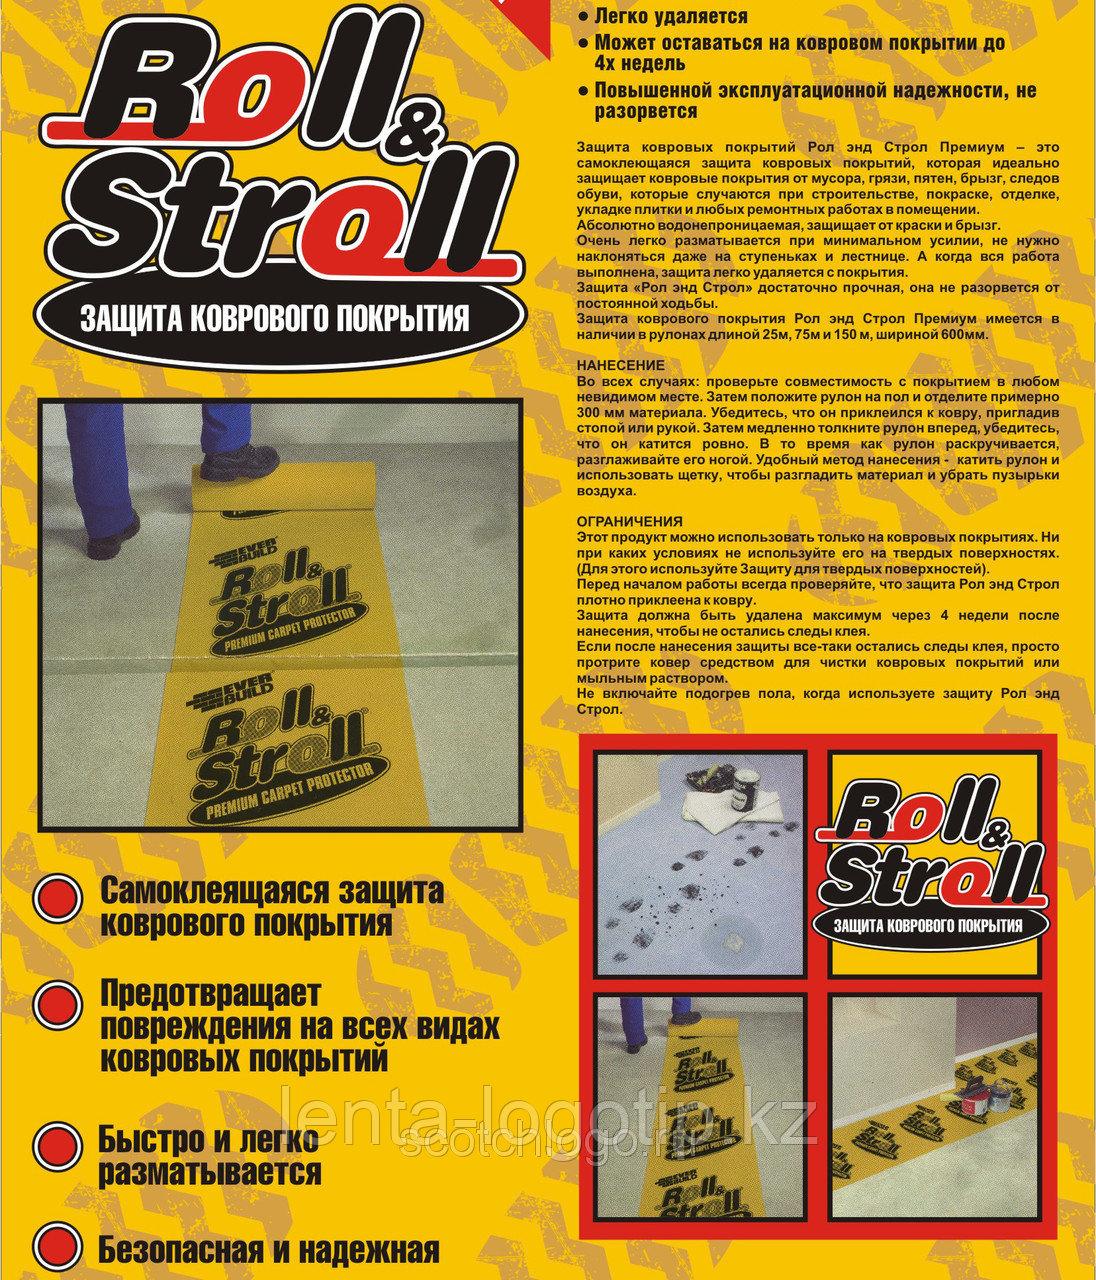 """Пленка защитная для ковровых покрытий """"Ролл и Стролл"""""""